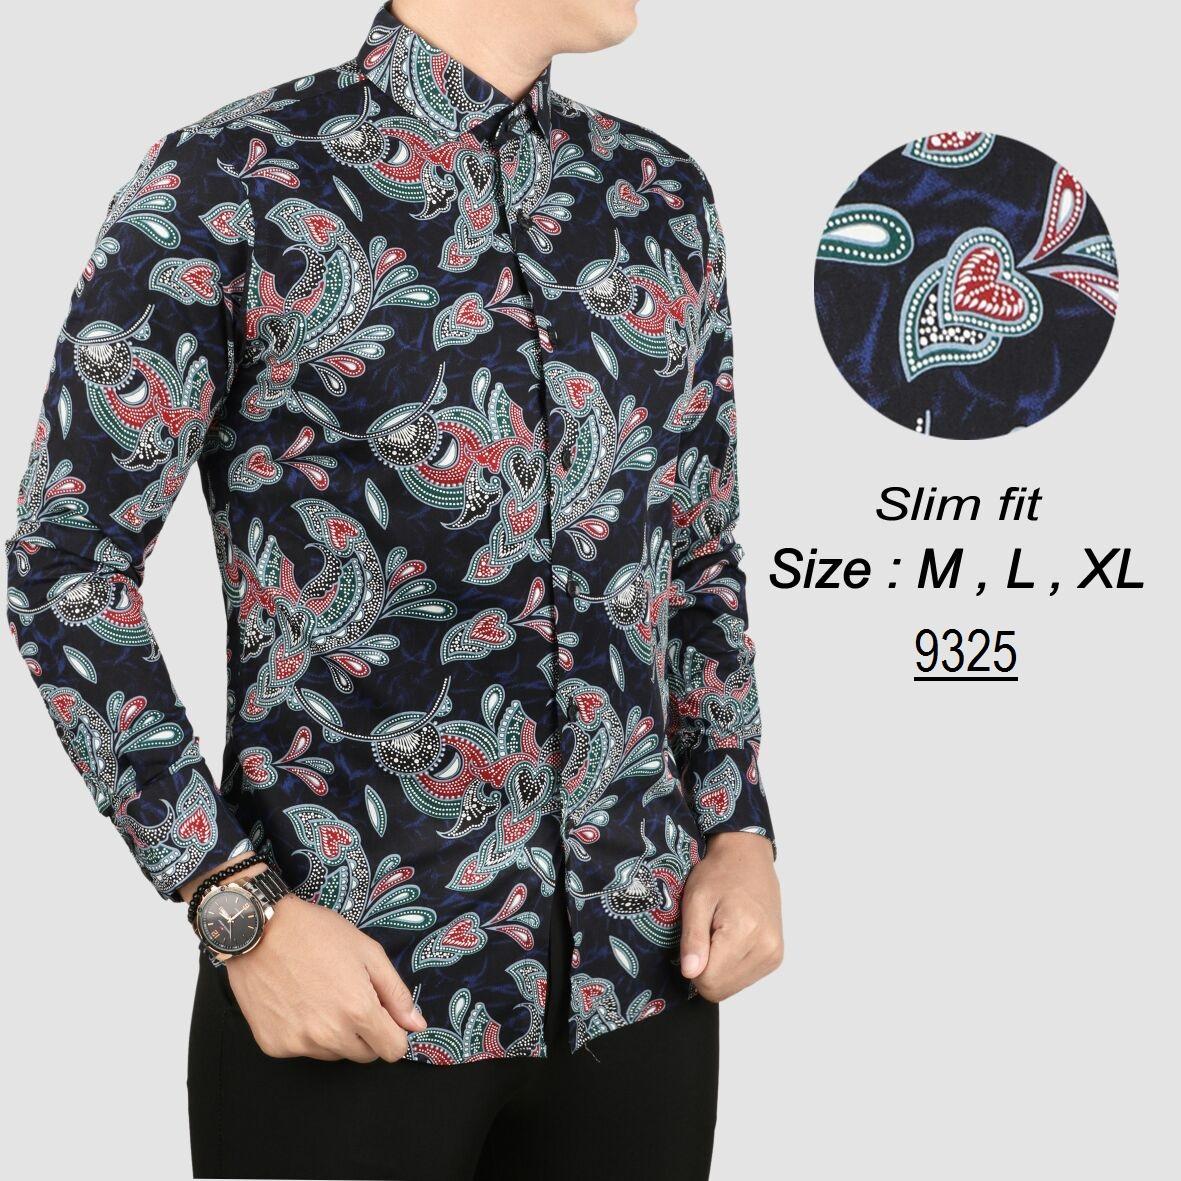 her+man batik pria modern kemeja batik pria slim fit 8136w